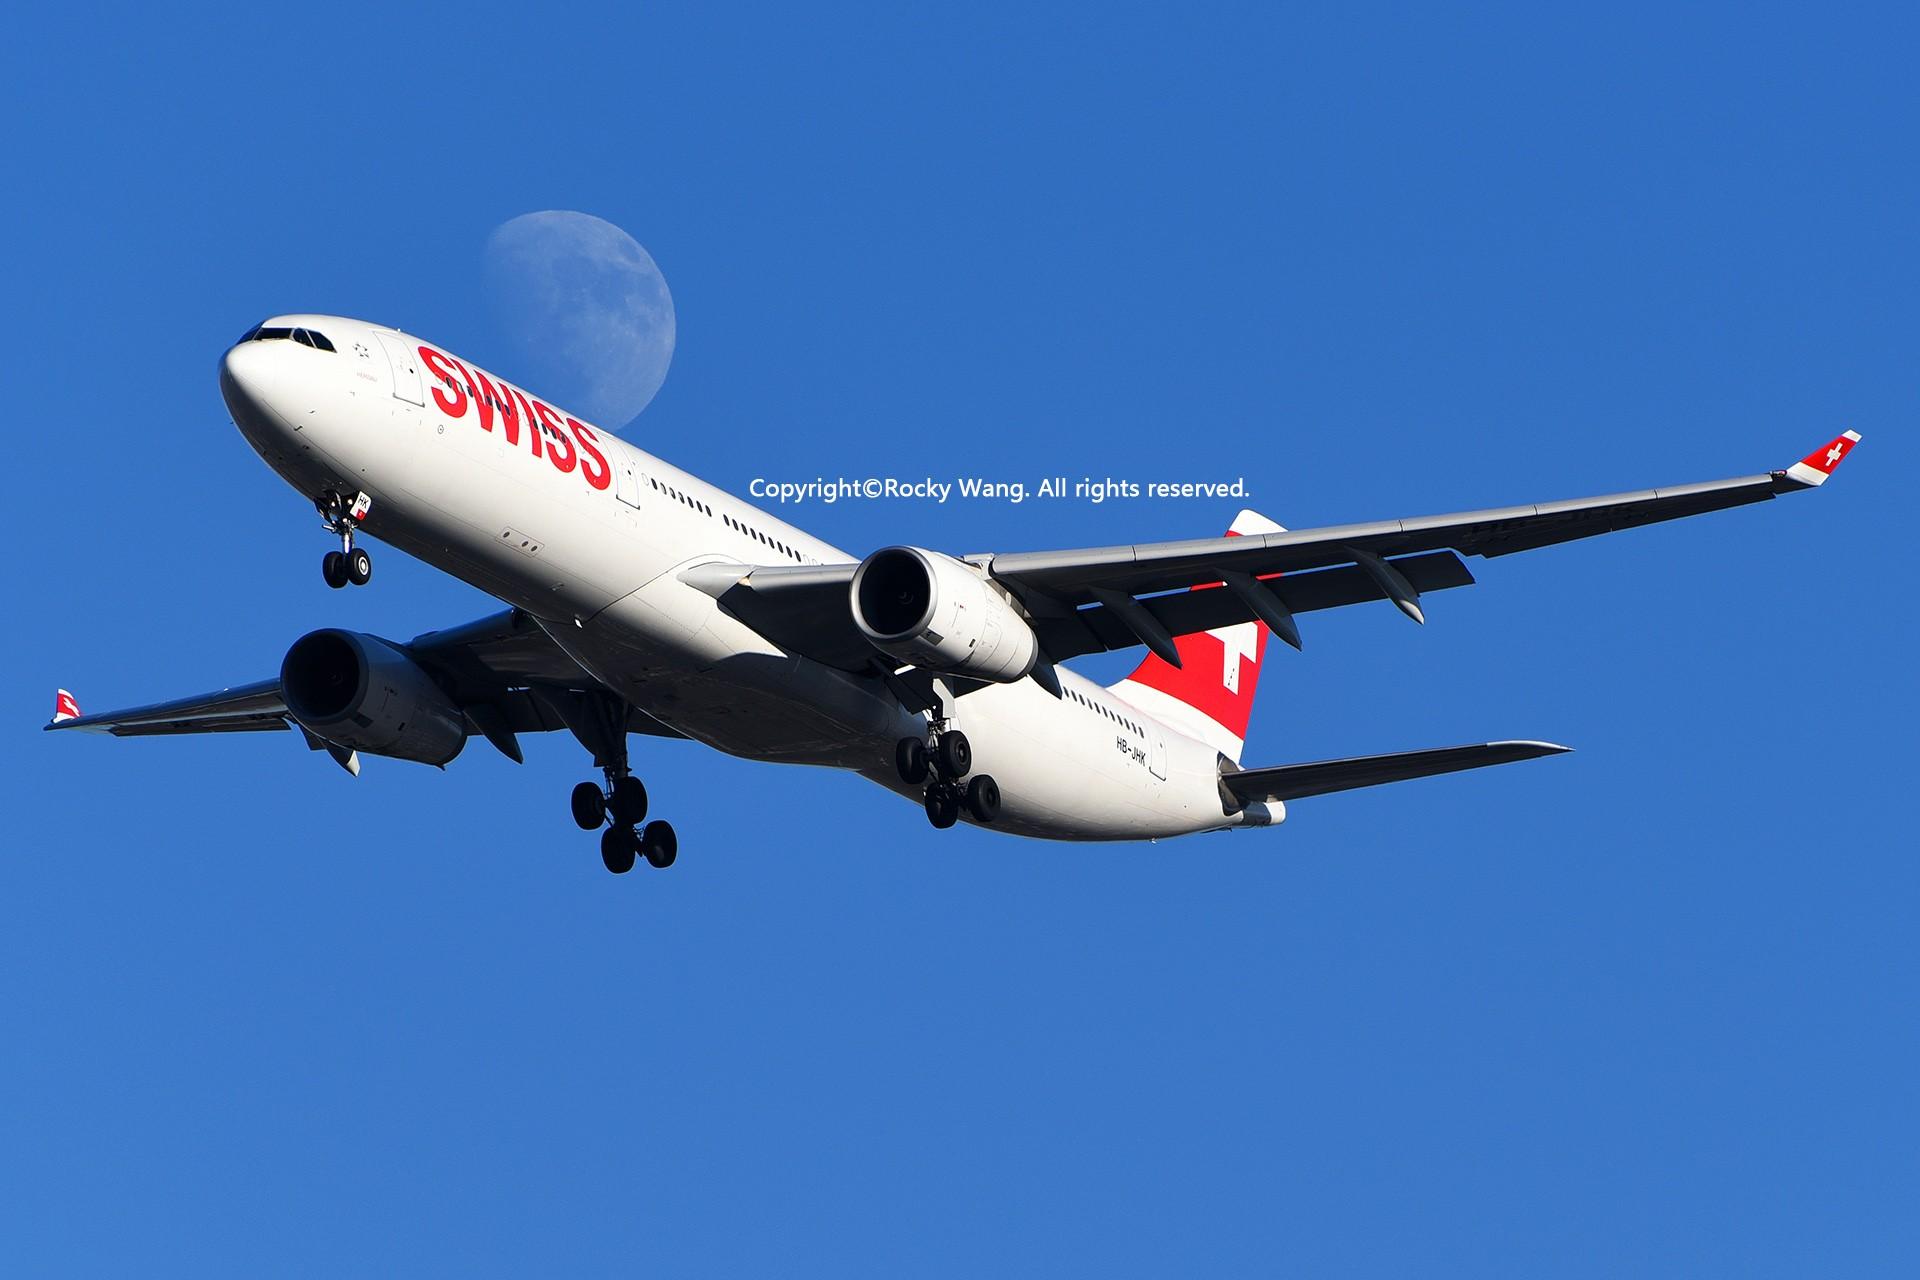 Re:[原创]KJFK 30图 AIRBUS A330-343 HB-JHK New York John F. Kennedy Int'l Airport